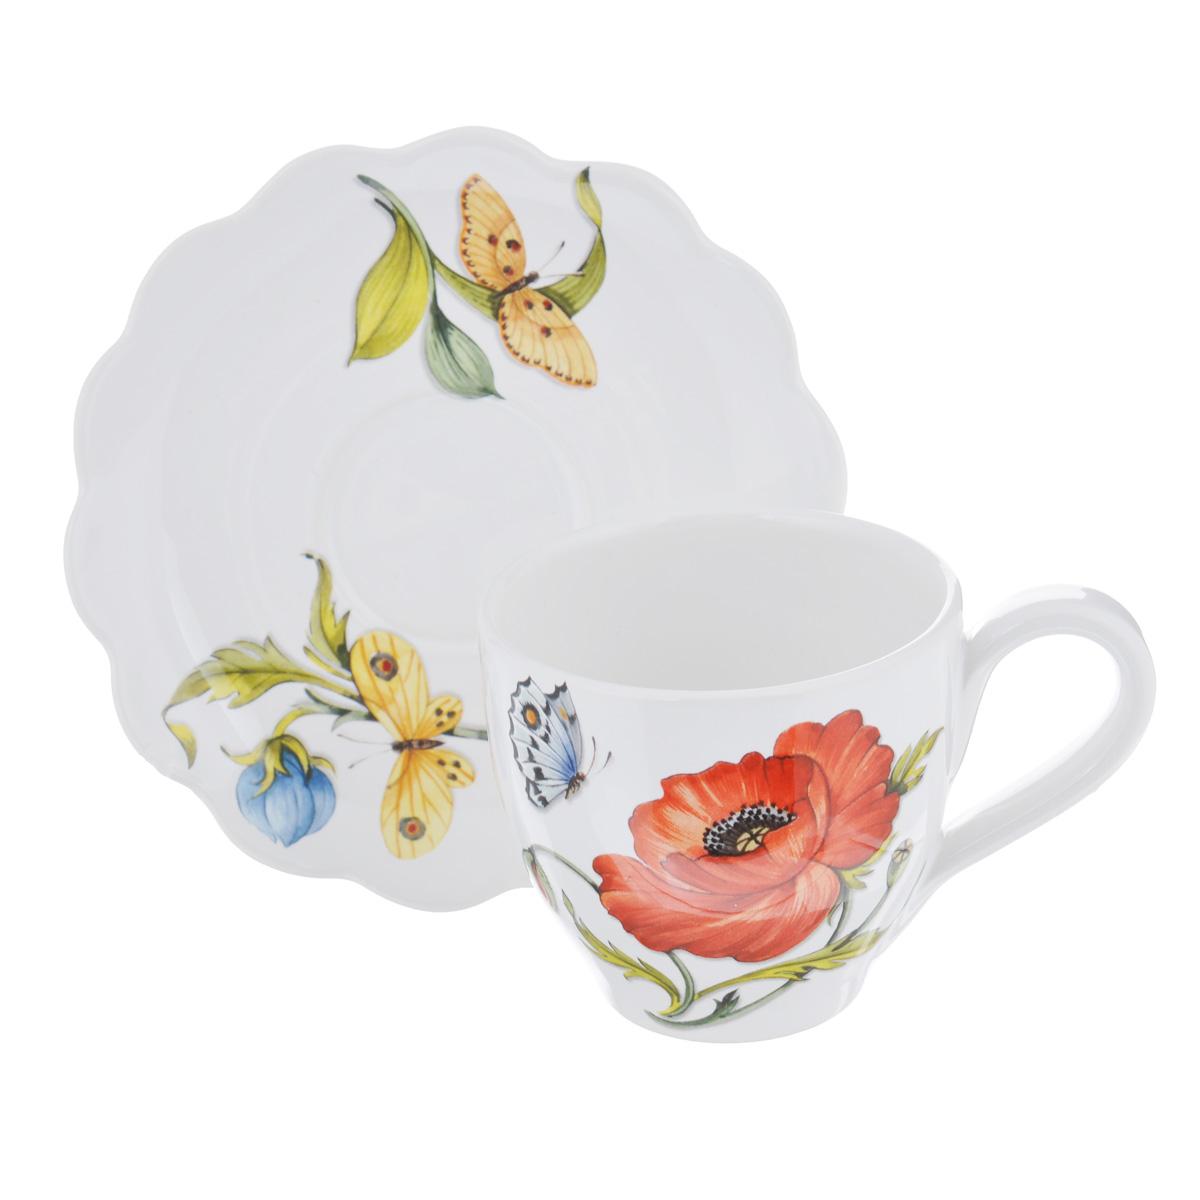 Чашка с блюдцем Nuova Cer Ботанический сад, 250 млGRB-7417Чашка с блюдцем Nuova Cer Ботанический сад изготовлены из высококачественной керамики и декорированы оригинальным цветочным рисунком. Они прекрасно подойдут для вашей кухни и великолепно украсят стол. Изящный дизайн и красочность оформления чашки и блюдца придутся по вкусу и ценителям классики, и тем, кто предпочитает утонченность и изысканность. Объем кружки: 250 мл. Диметр кружки по верхнему краю: 9 см. Высота кружки: 7,5 см. Диаметр блюдца: 16 см. Посуду фабрики Nuova Cer S.N.C отличают теплые оттенки и верность истинно итальянскому стилю. Для итальянского стиля характерна довольно толстая, нарочито простая керамическая посуда с красочной, яркой глазурью, с наивной росписью и орнаментами. Такую посуду можно использовать в микроволновой печи и мыть в посудомоечной машине.